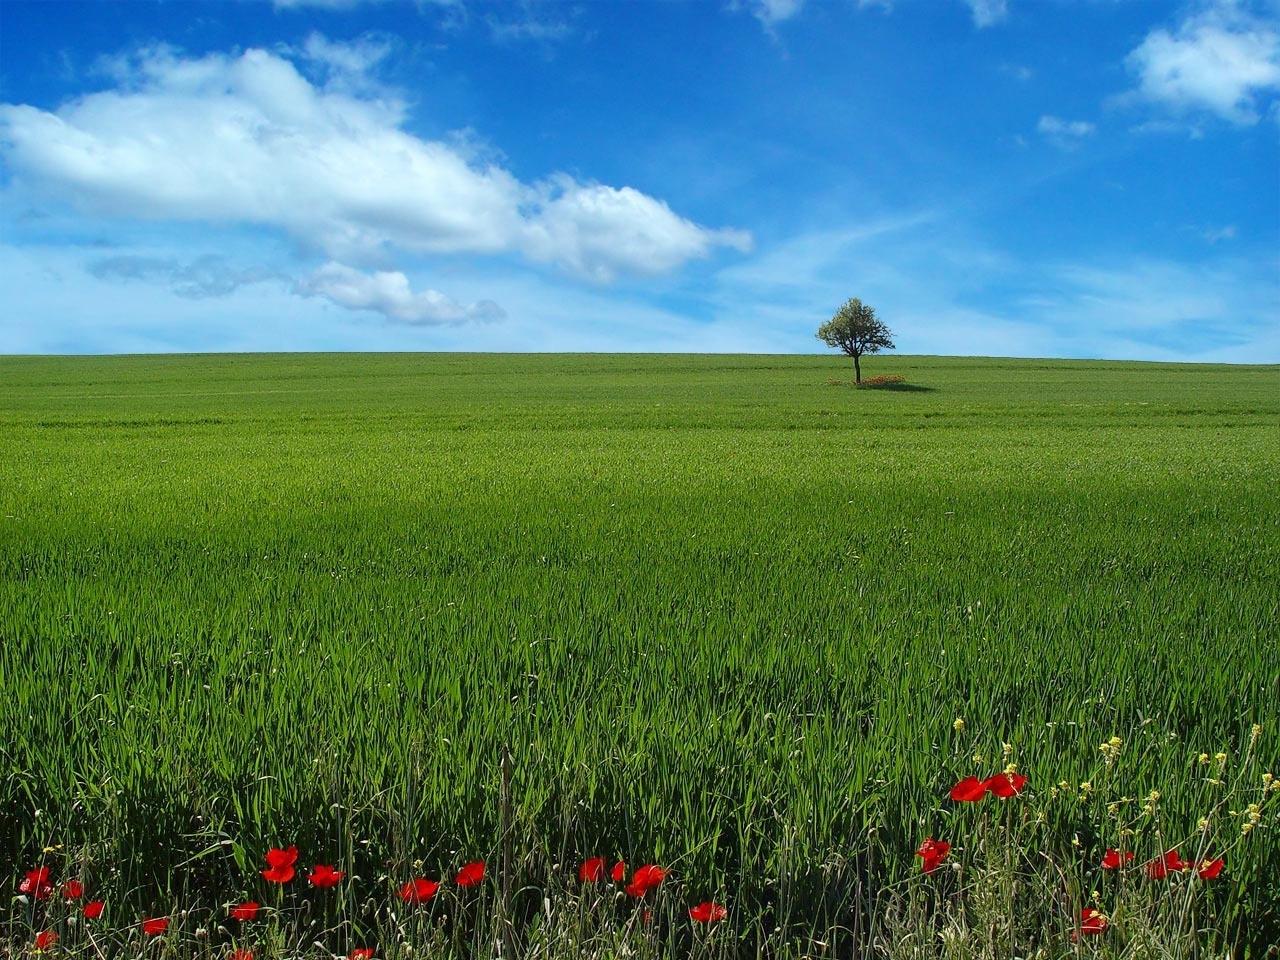 3474 скачать обои Пейзаж, Трава, Небо - заставки и картинки бесплатно